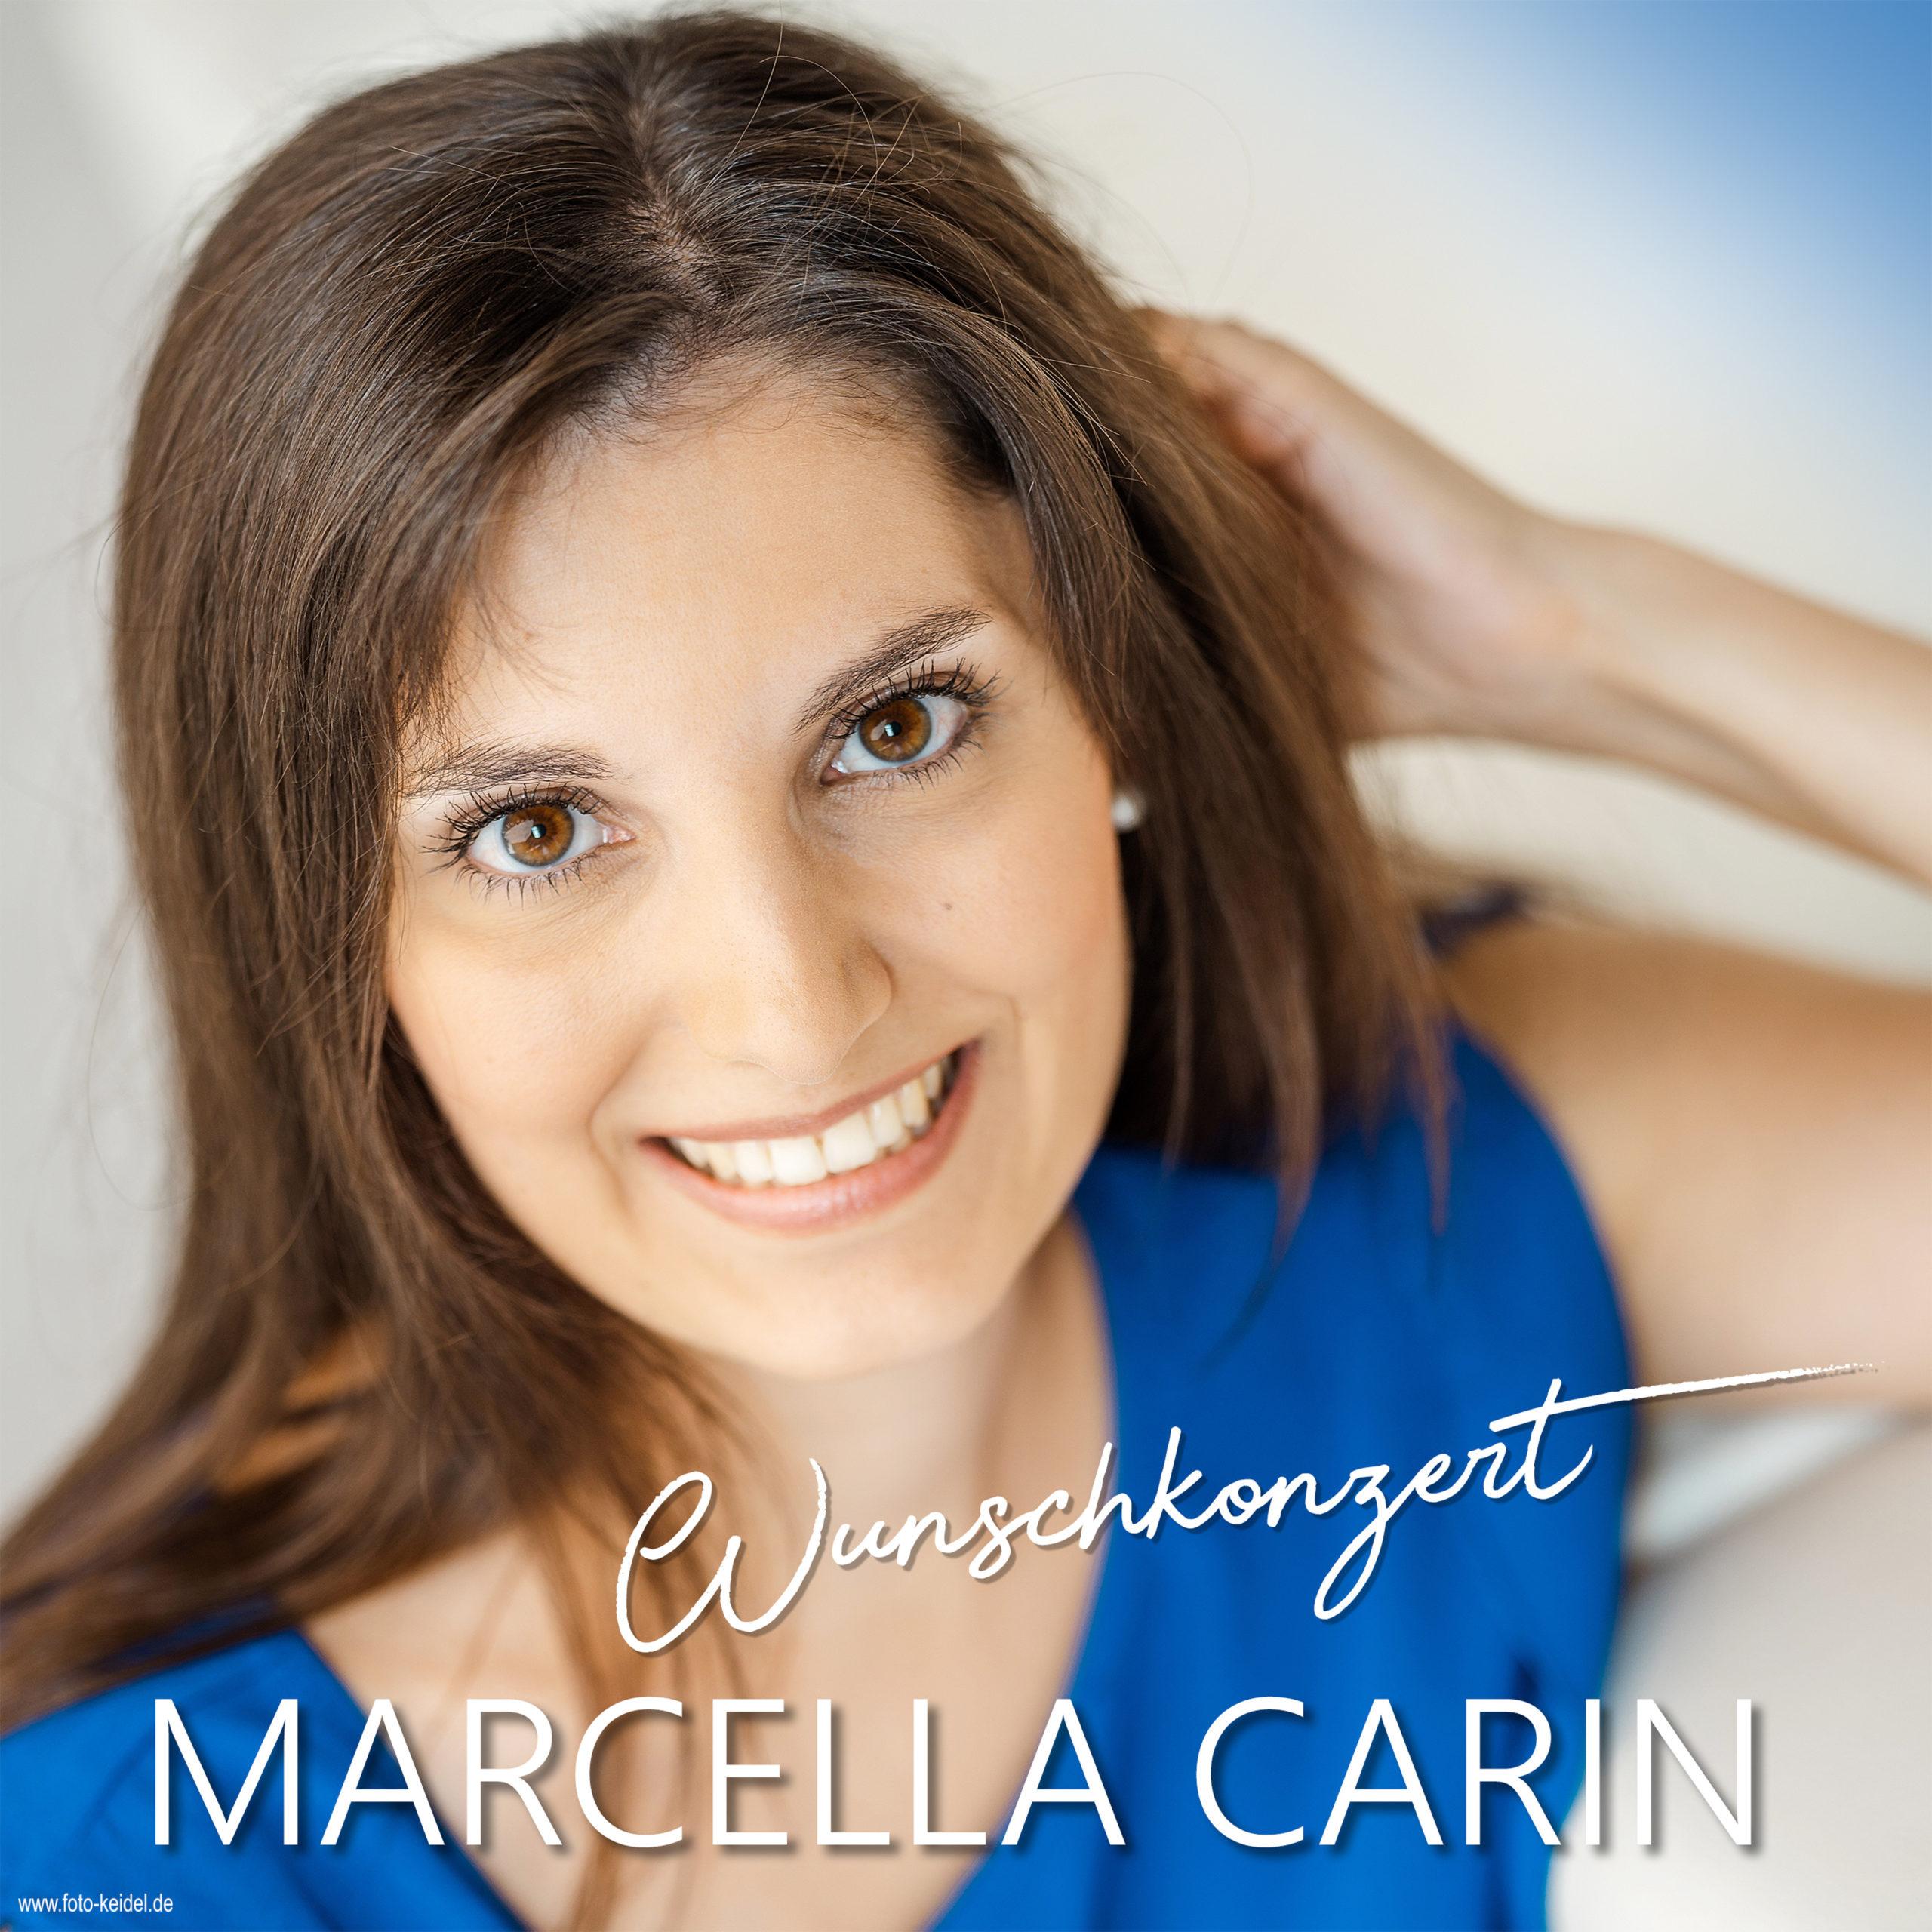 Marcella Carin - Wunschkonzert (2021)